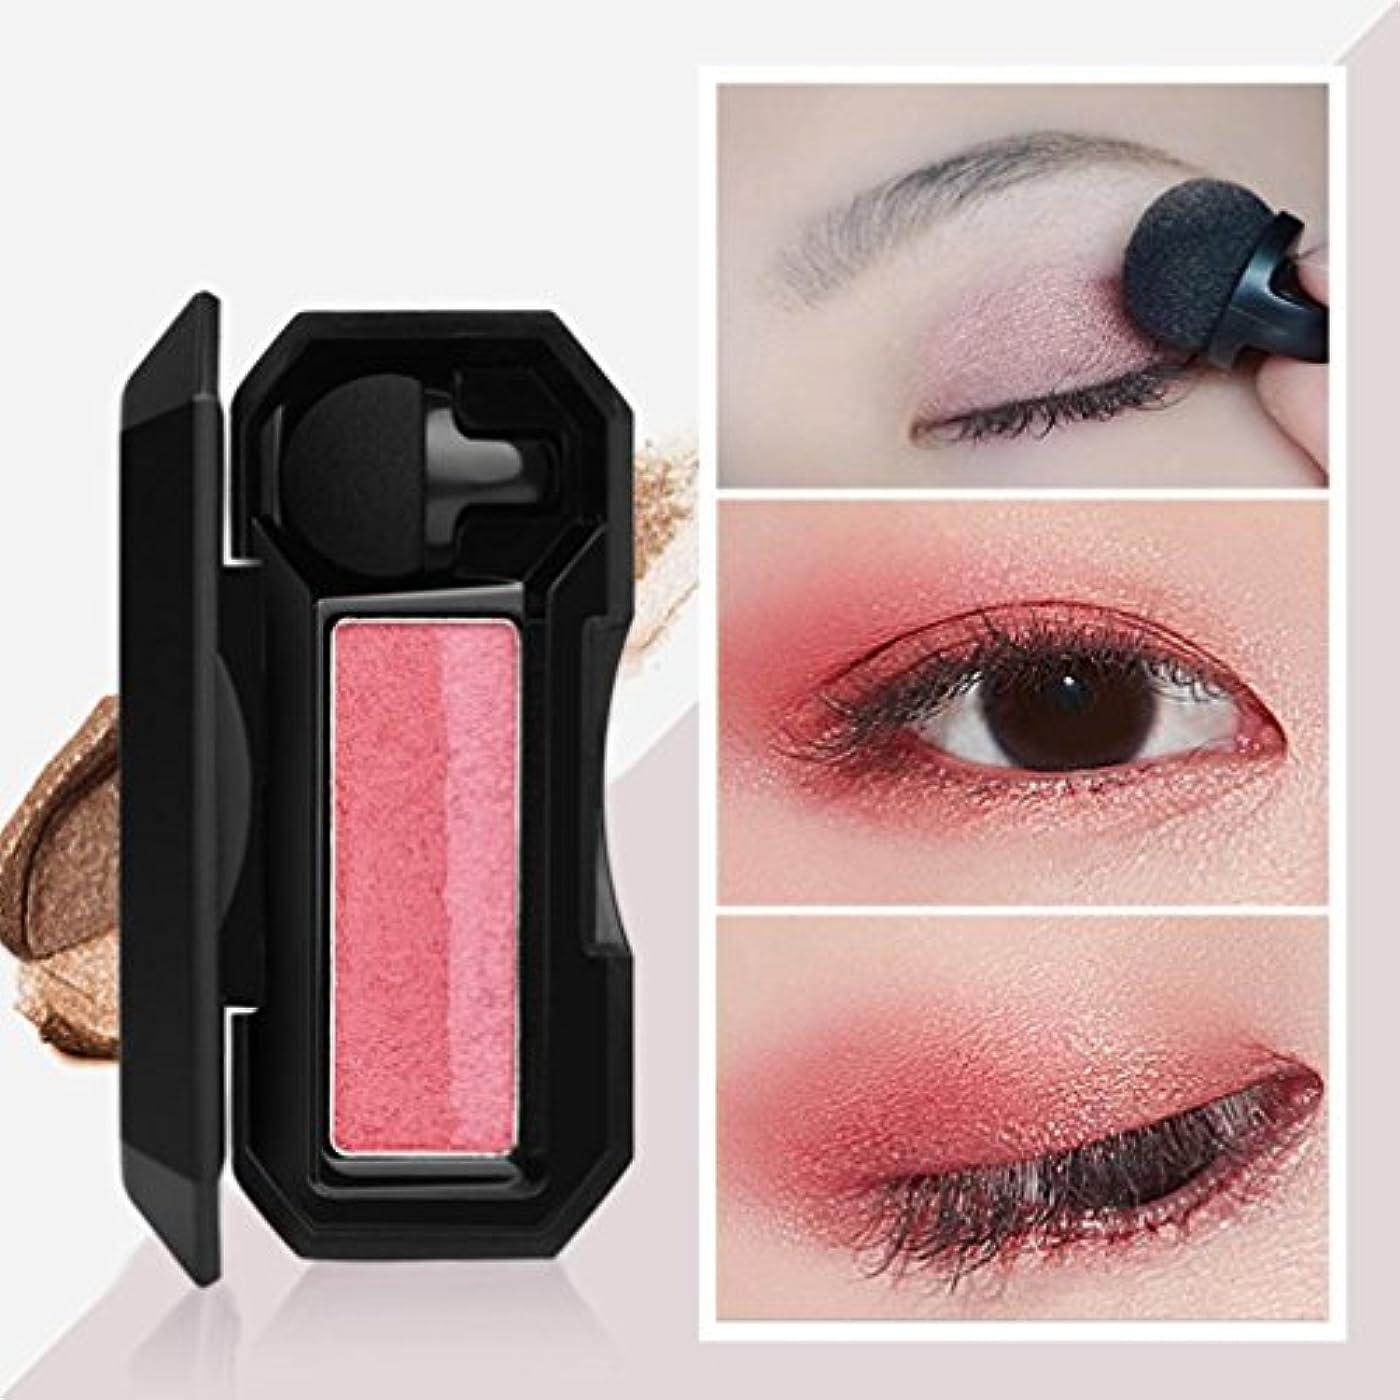 プレート経験的ストロークビューティー アイシャドー BOBOGOJP 女性 2色 可愛い デザイン ミニスタンプアイシャドーパレット 携帯便利 極め細かい 化粧パウダー 持続性 スモーキーメイク (21A)